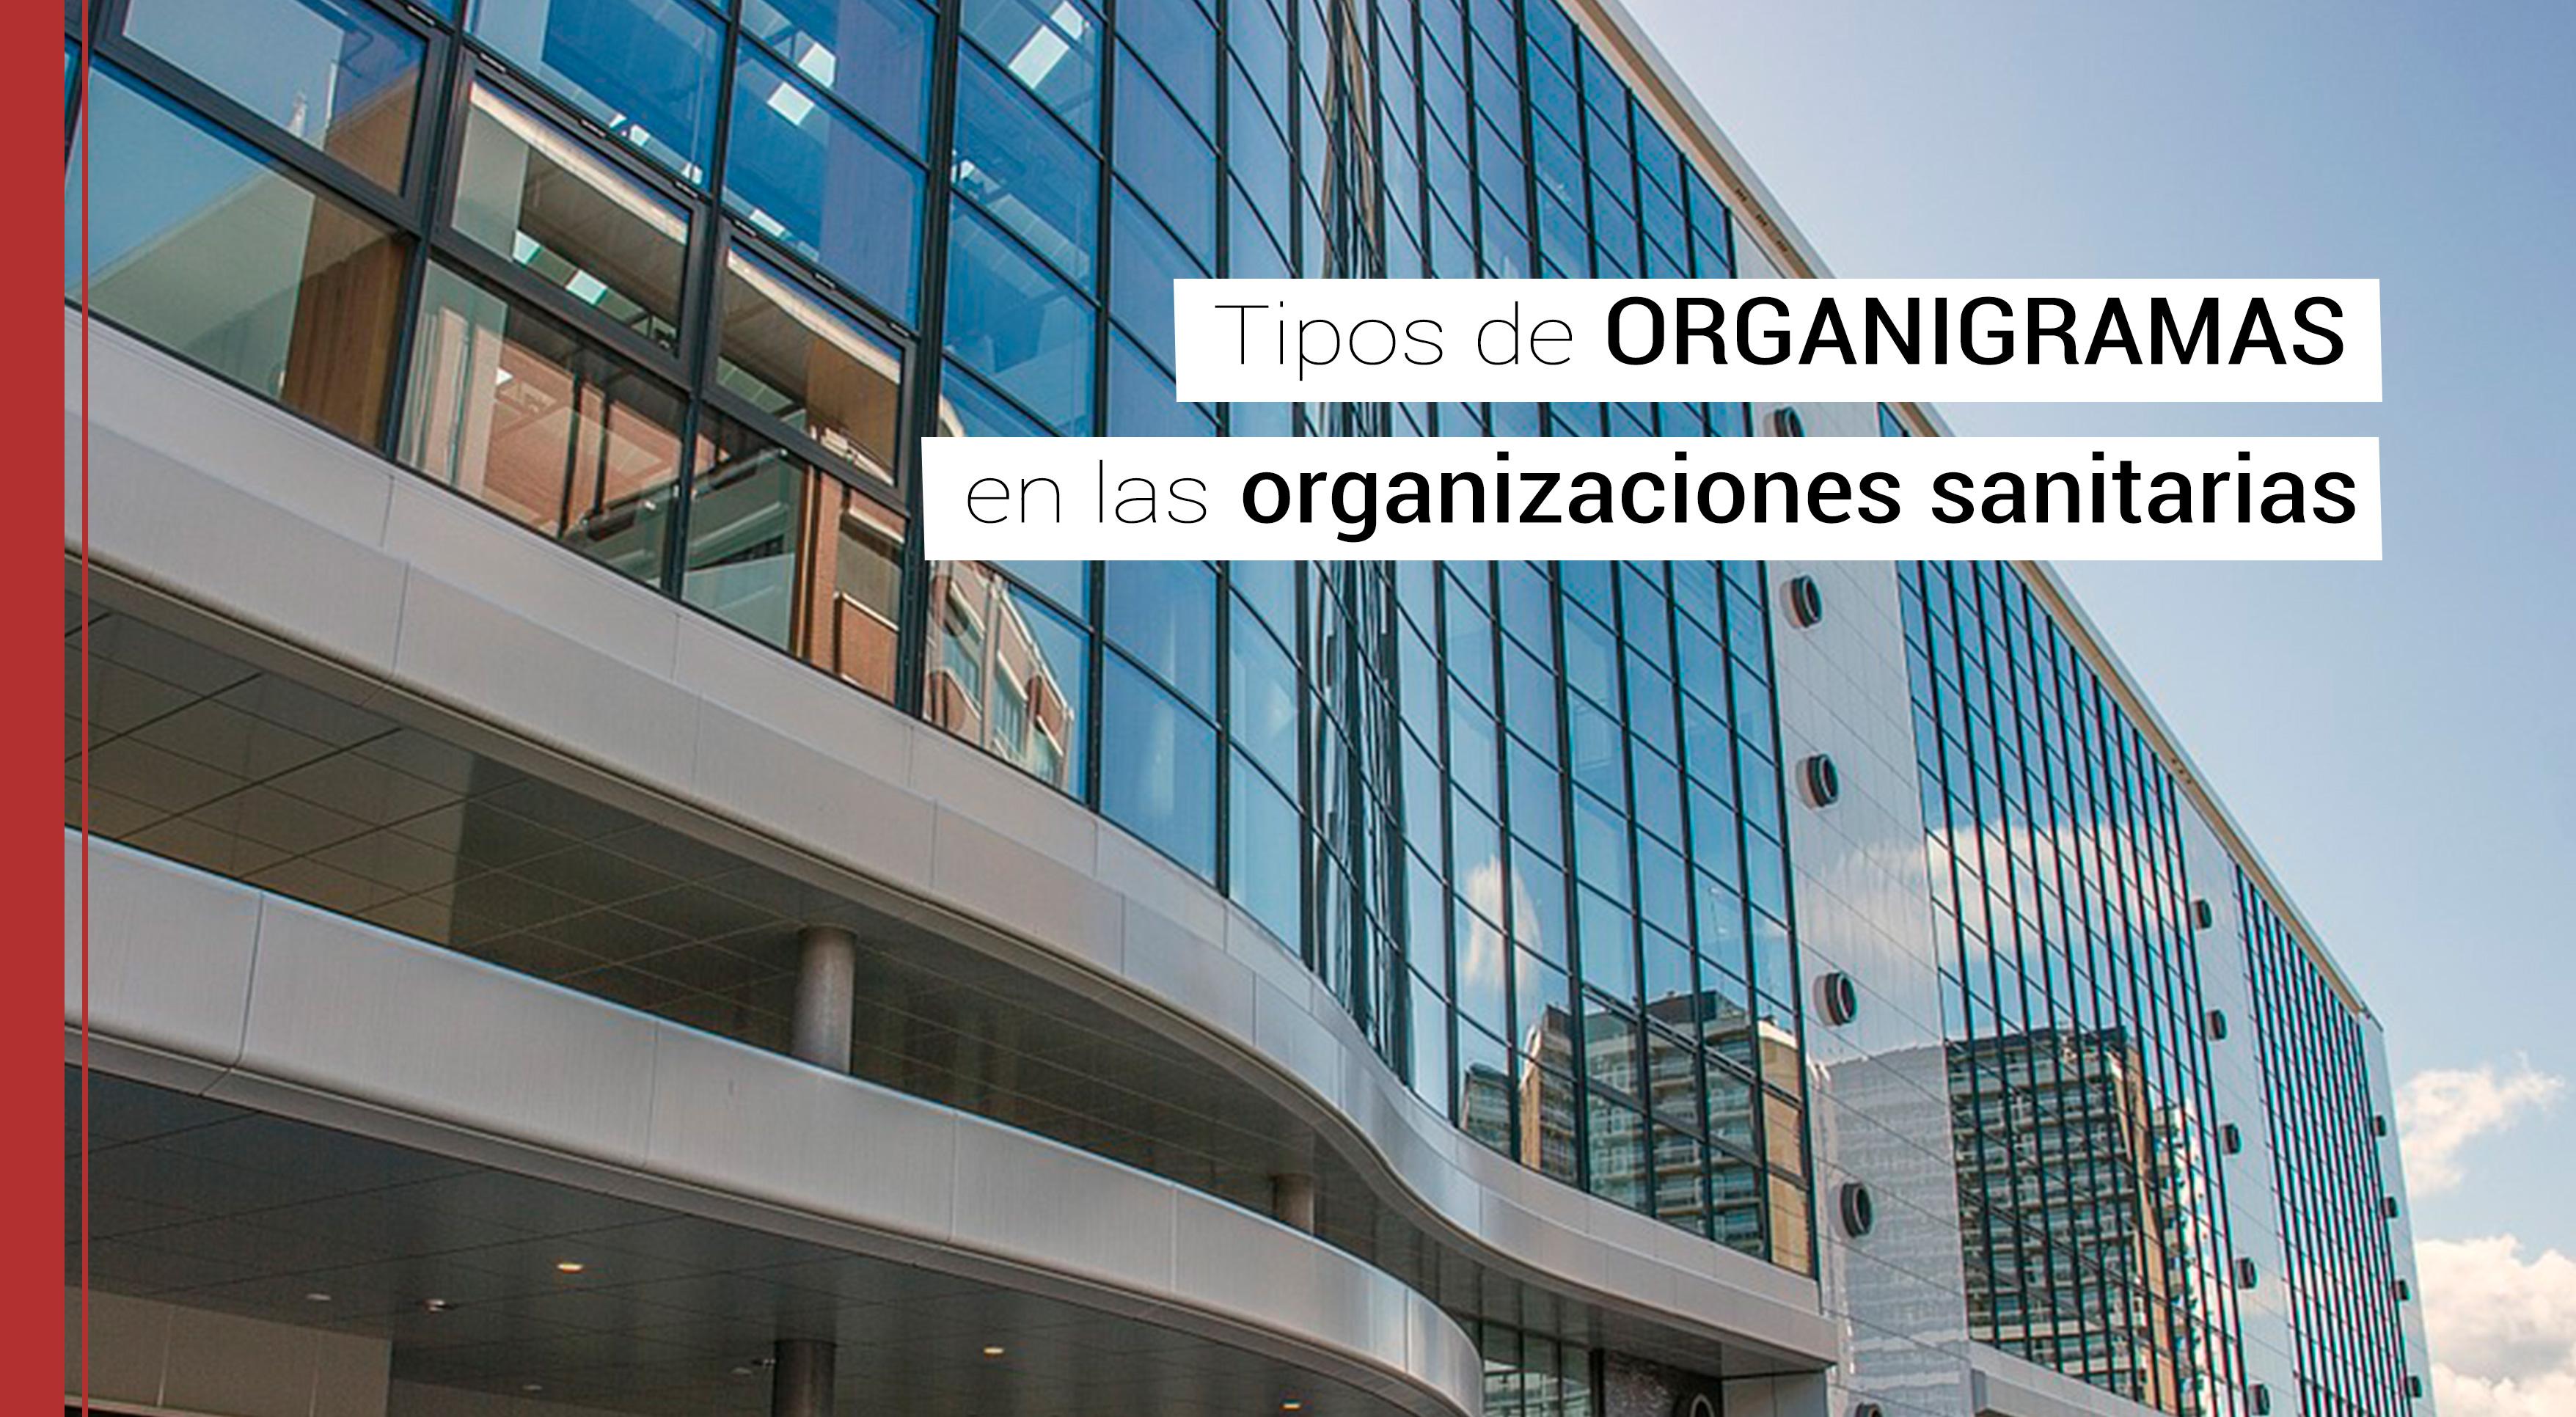 tipos-de-organigramas-organizaciones-sanitarias Tipos de organigramas en una organización sanitaria